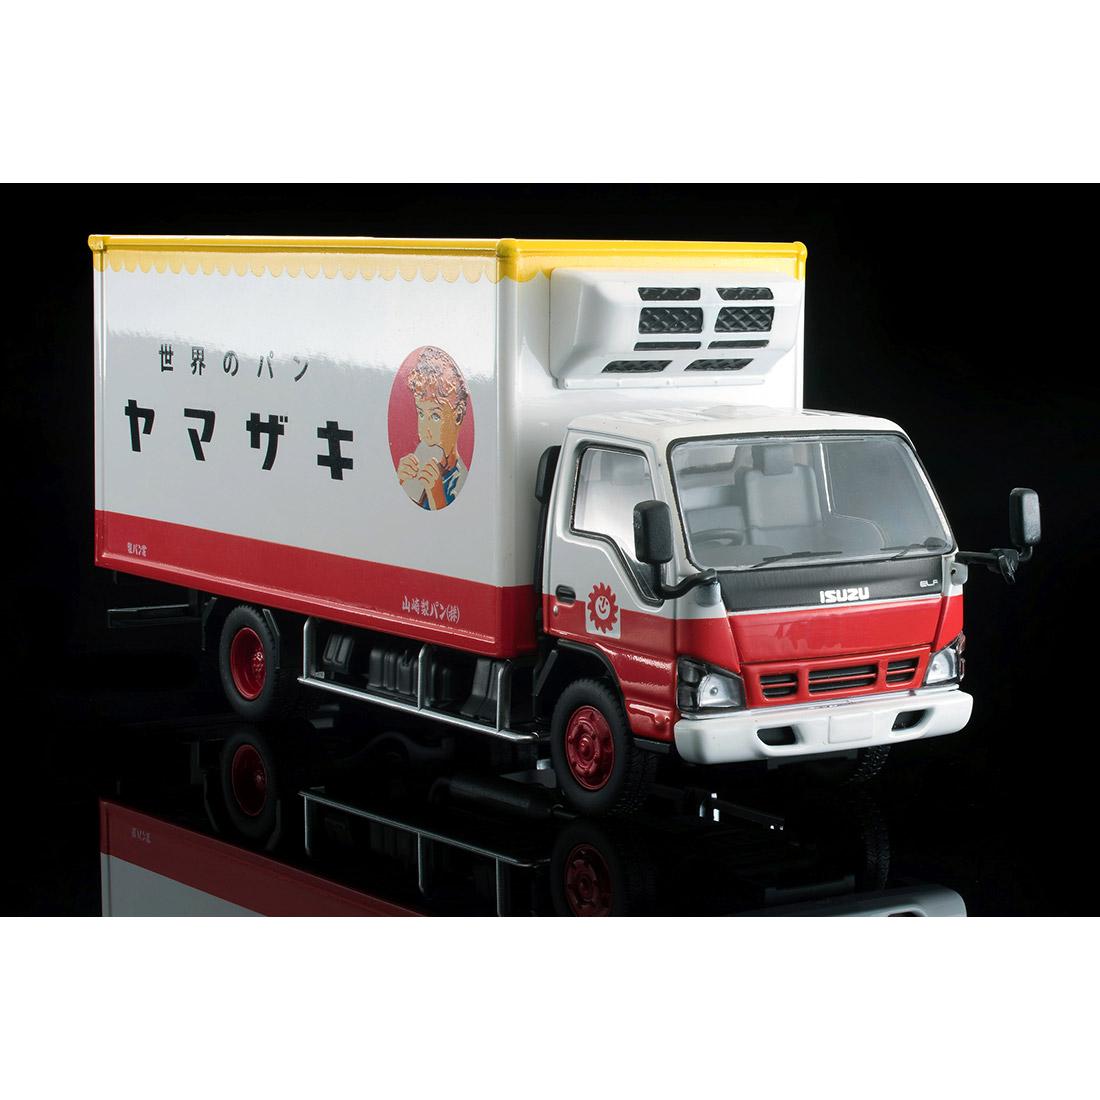 トミカリミテッドヴィンテージ ネオ LV-N195b『いすゞエルフ パネルバン(ヤマザキパン)』1/64 ミニカー-008